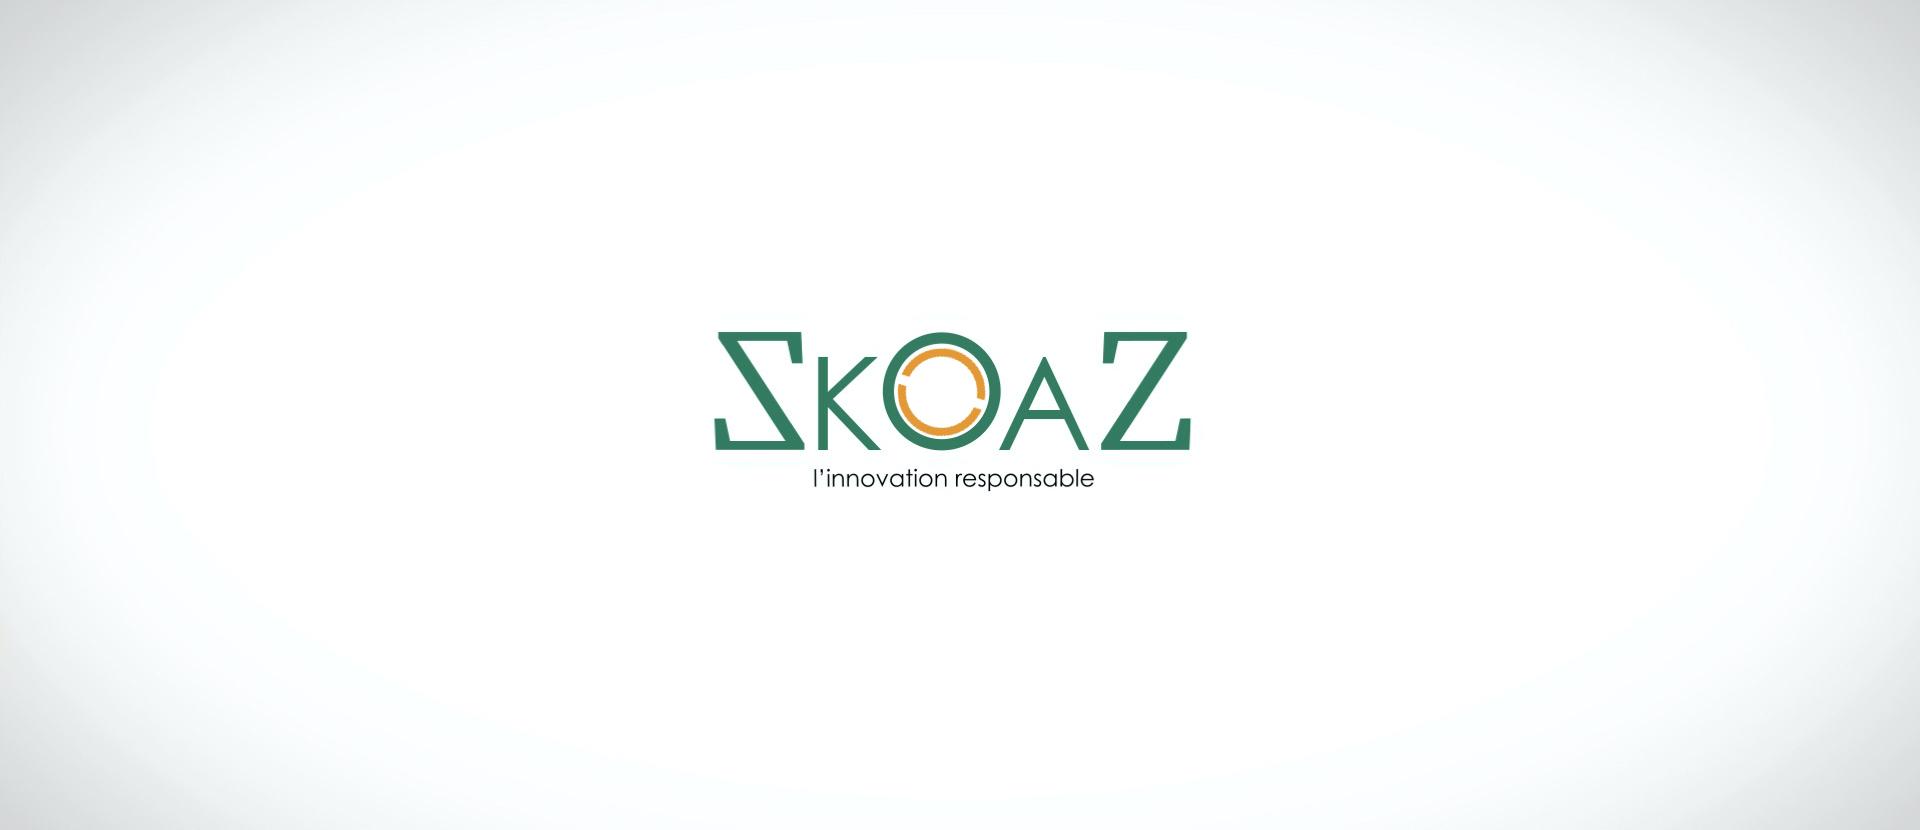 Skoaz - l'innovation responsable